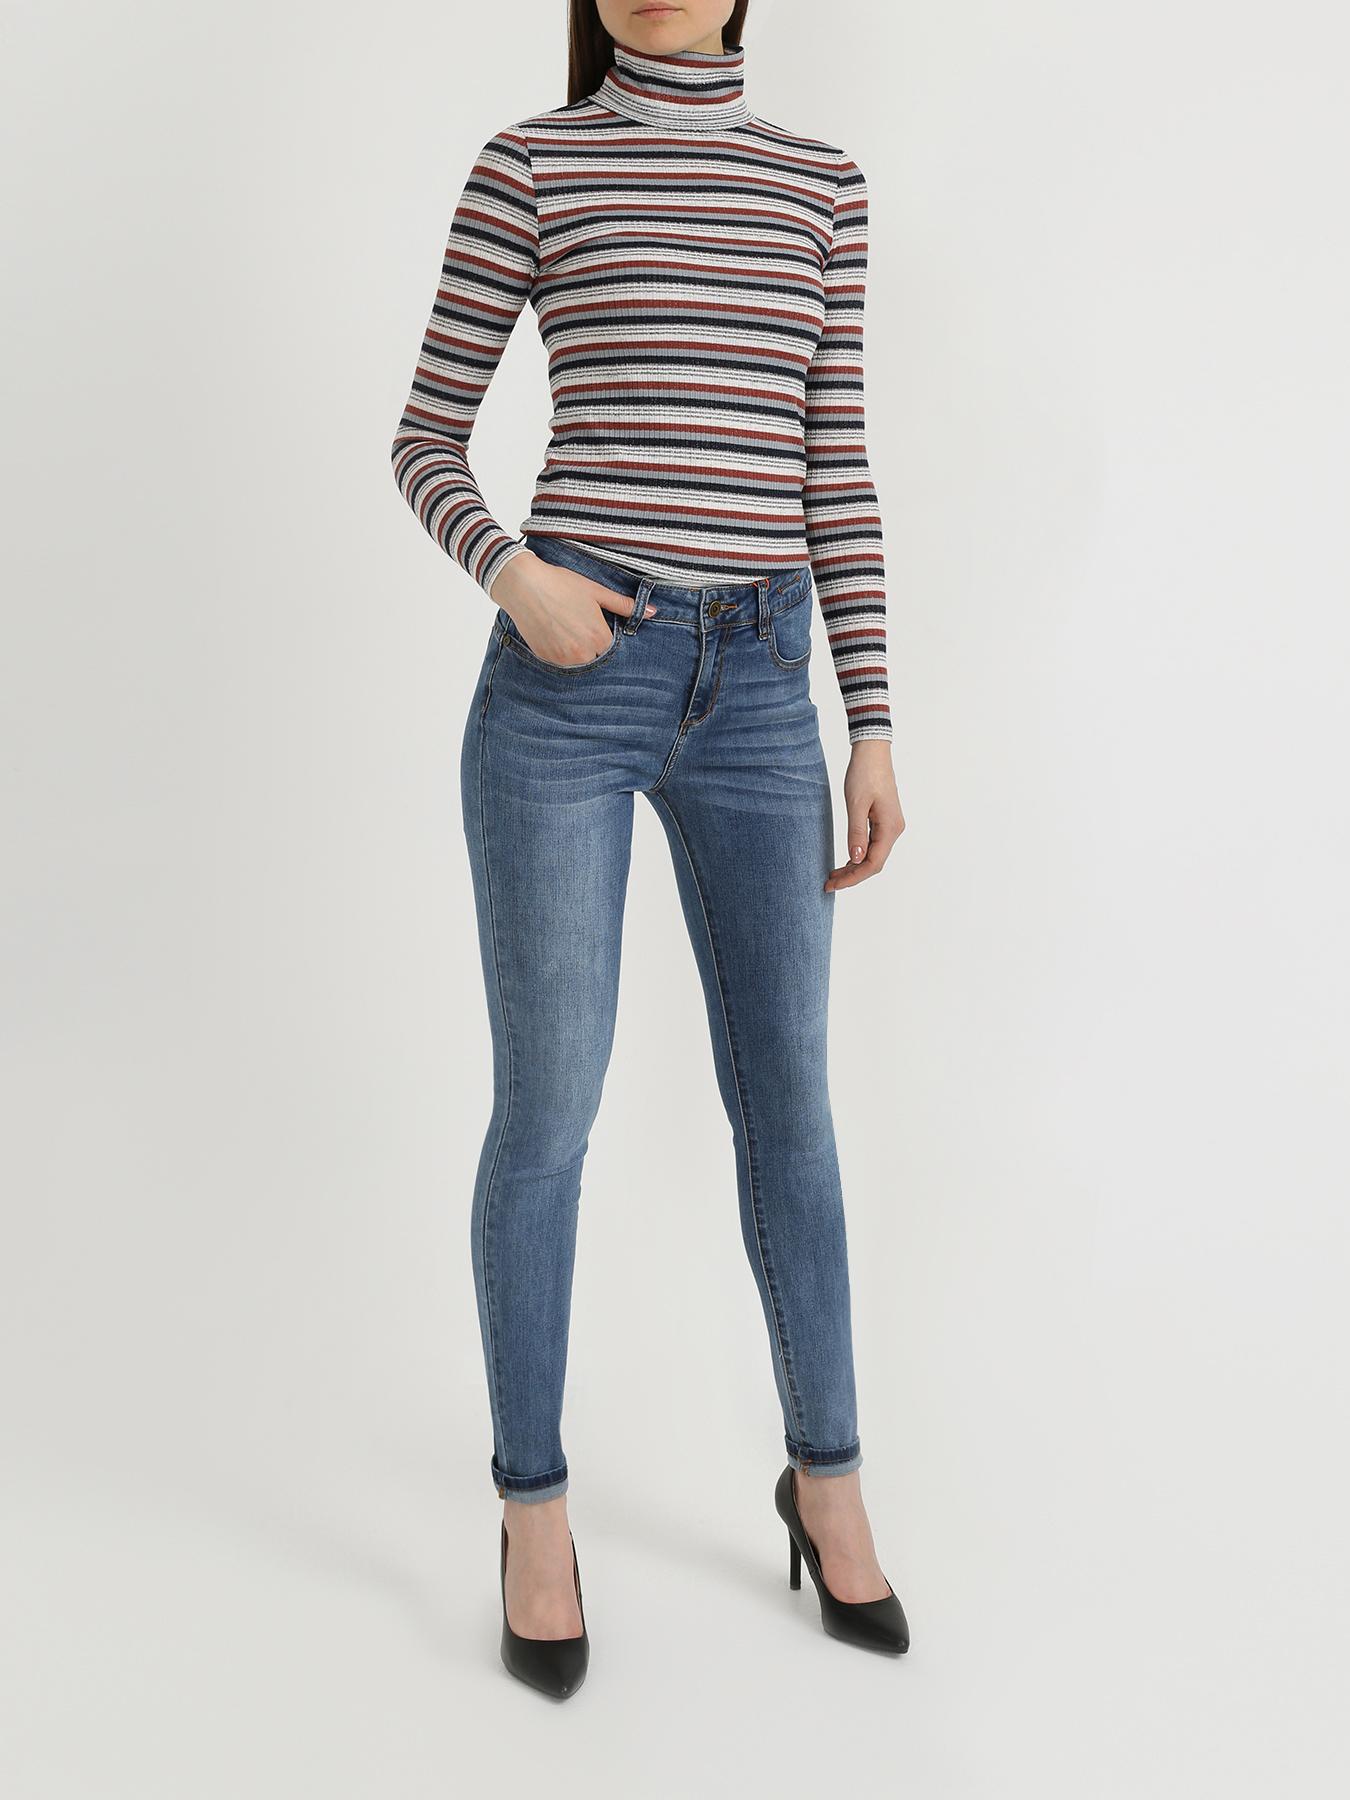 Брюки ORSA Orange Зауженные джинсы брюки orsa orange женские джинсы